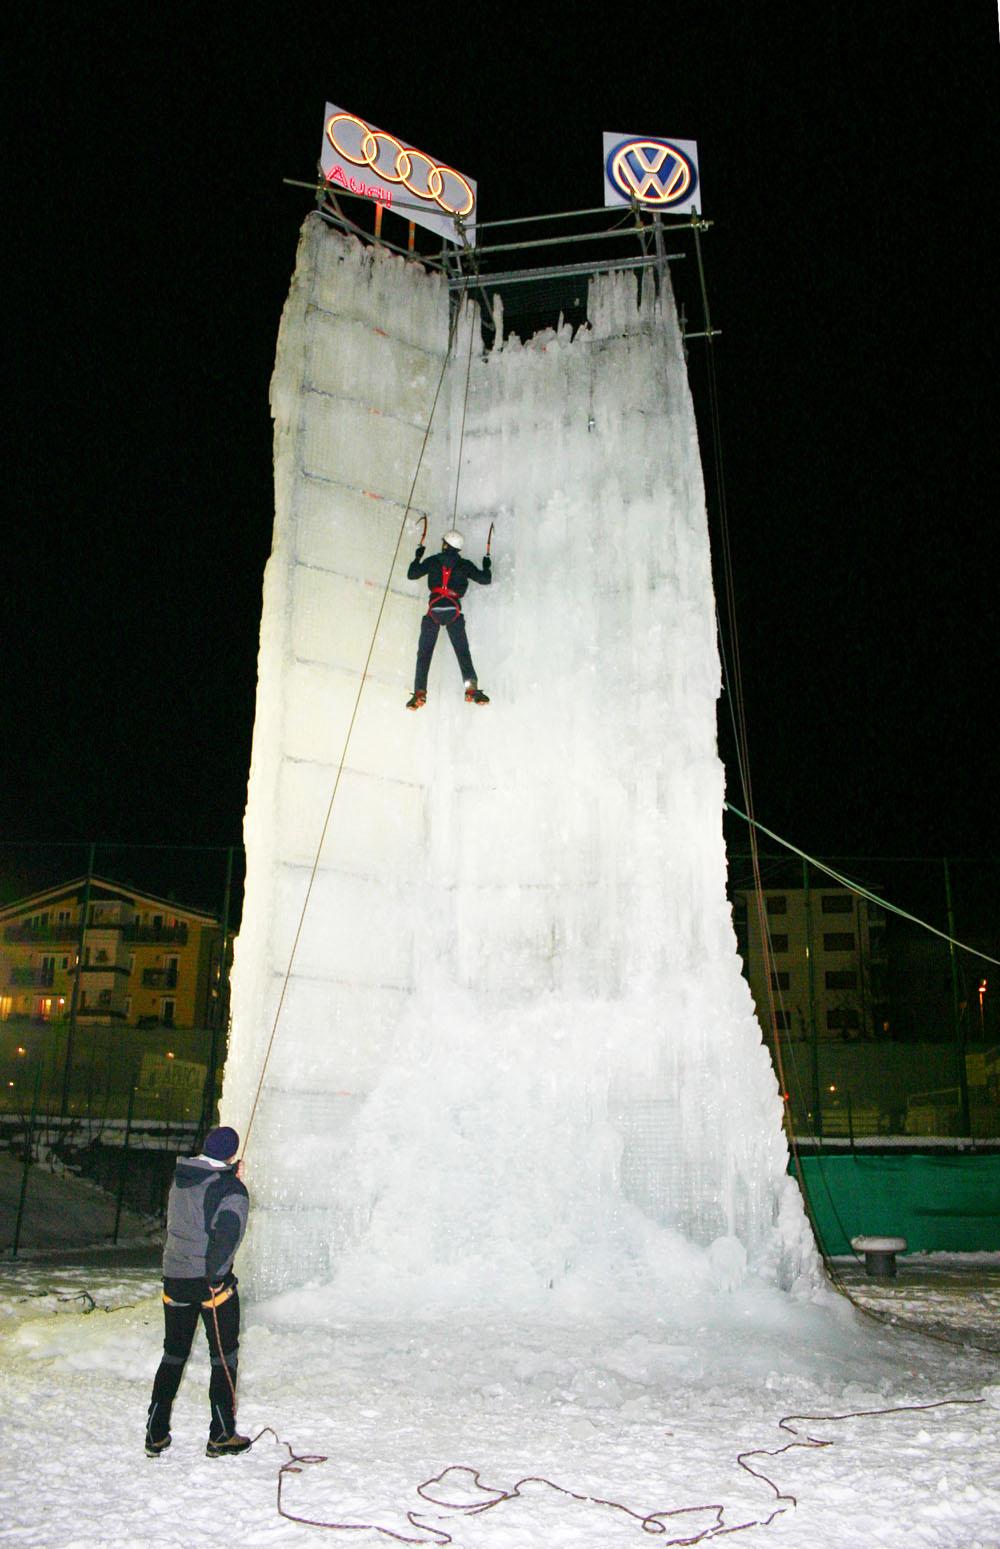 Nel paese di Aprica, sci di fondo, arrampicata su ghiaccio e pattinaggio